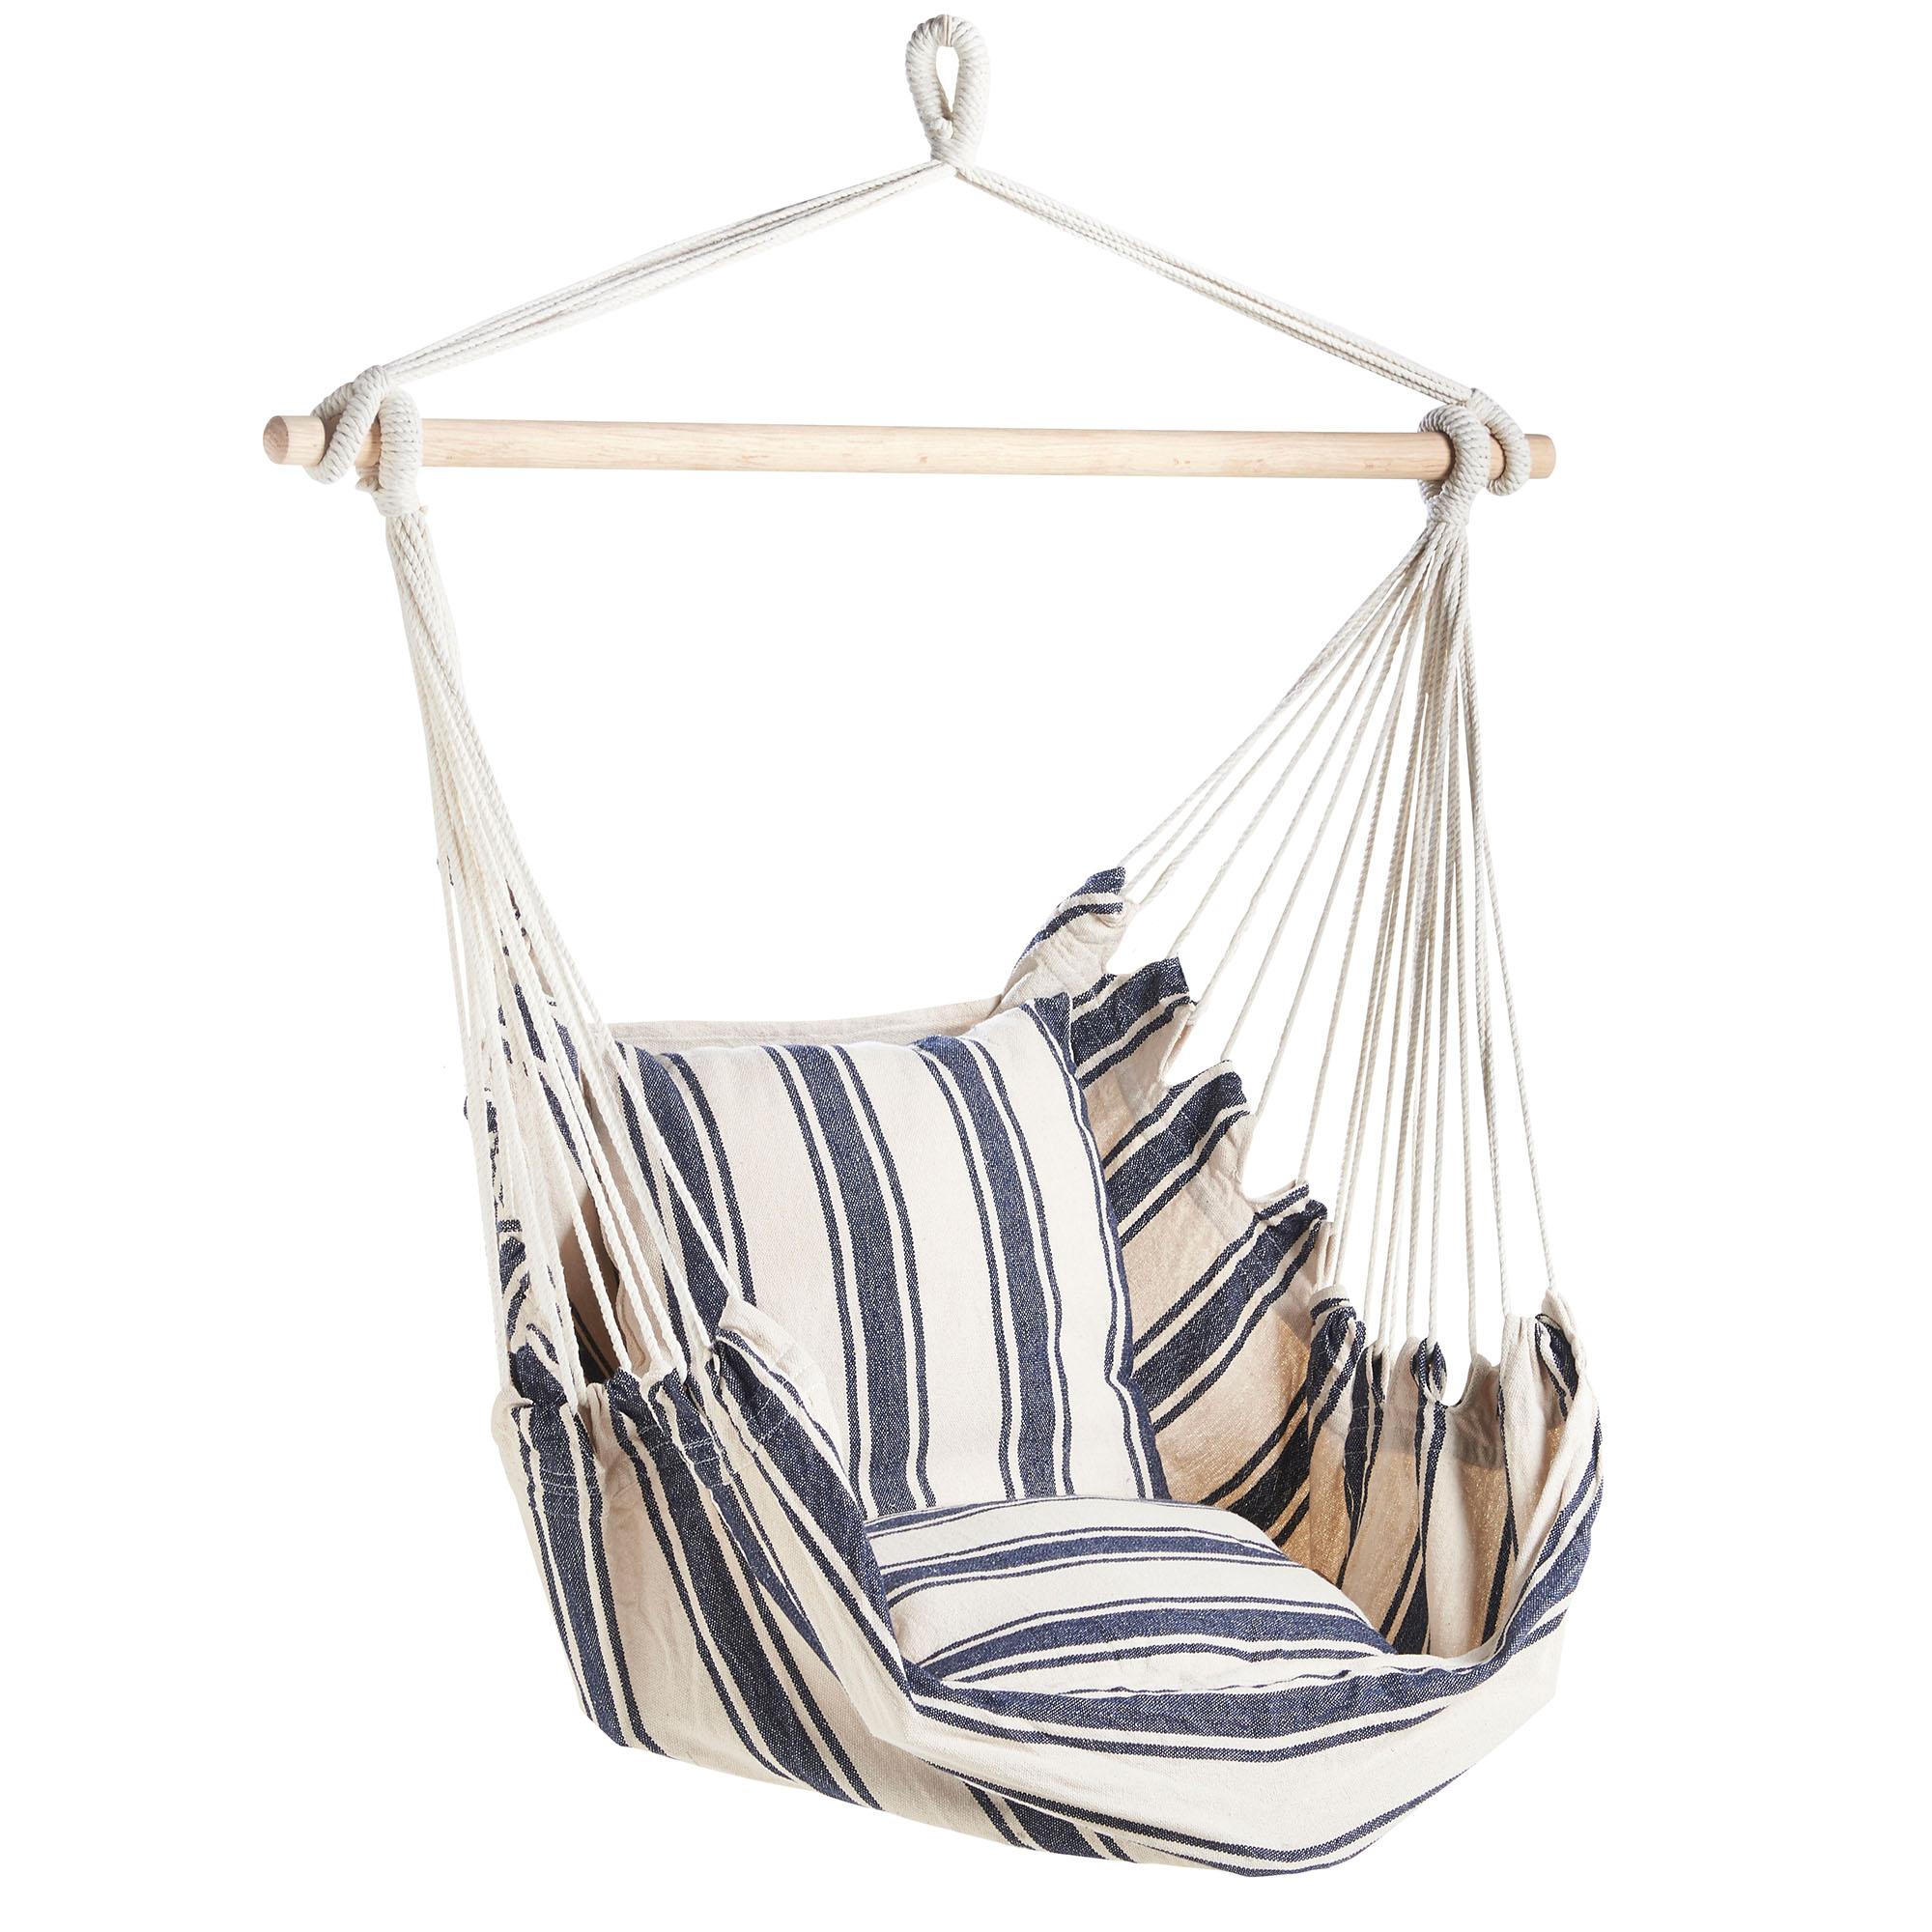 VonHaus Hanging Chair Blue and White Stripe 1.jpg